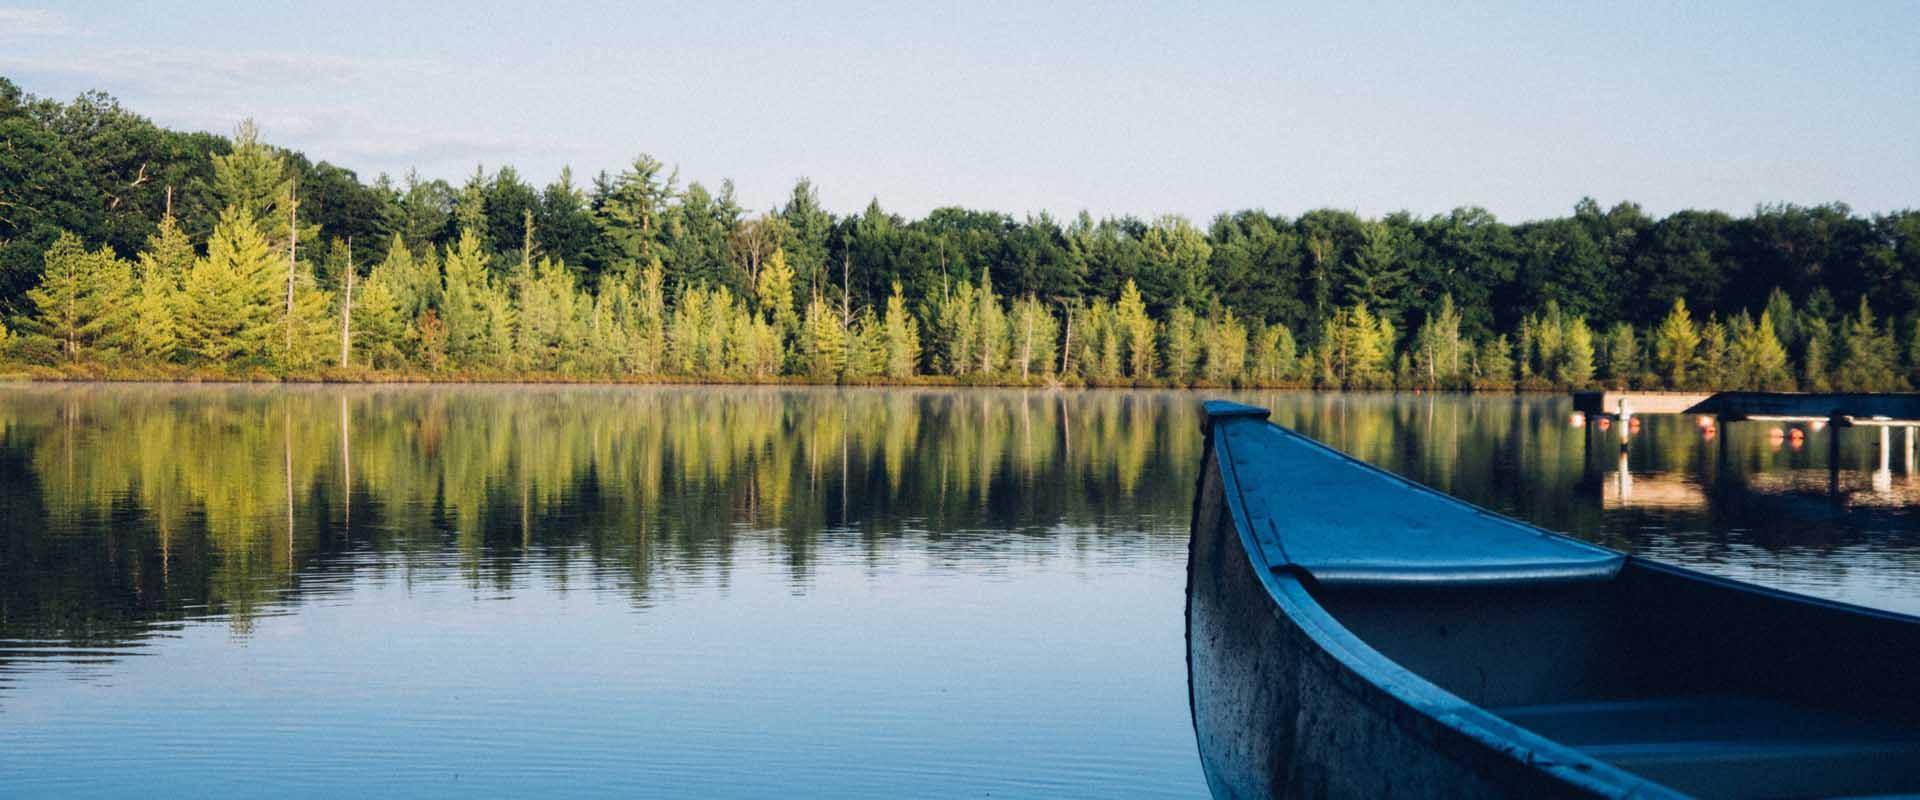 Mount Trail, programme collaboration, offre de l'équipement de plein air, camping et randonnées ultralégers. Produits fabriqués au Québec et Canada.